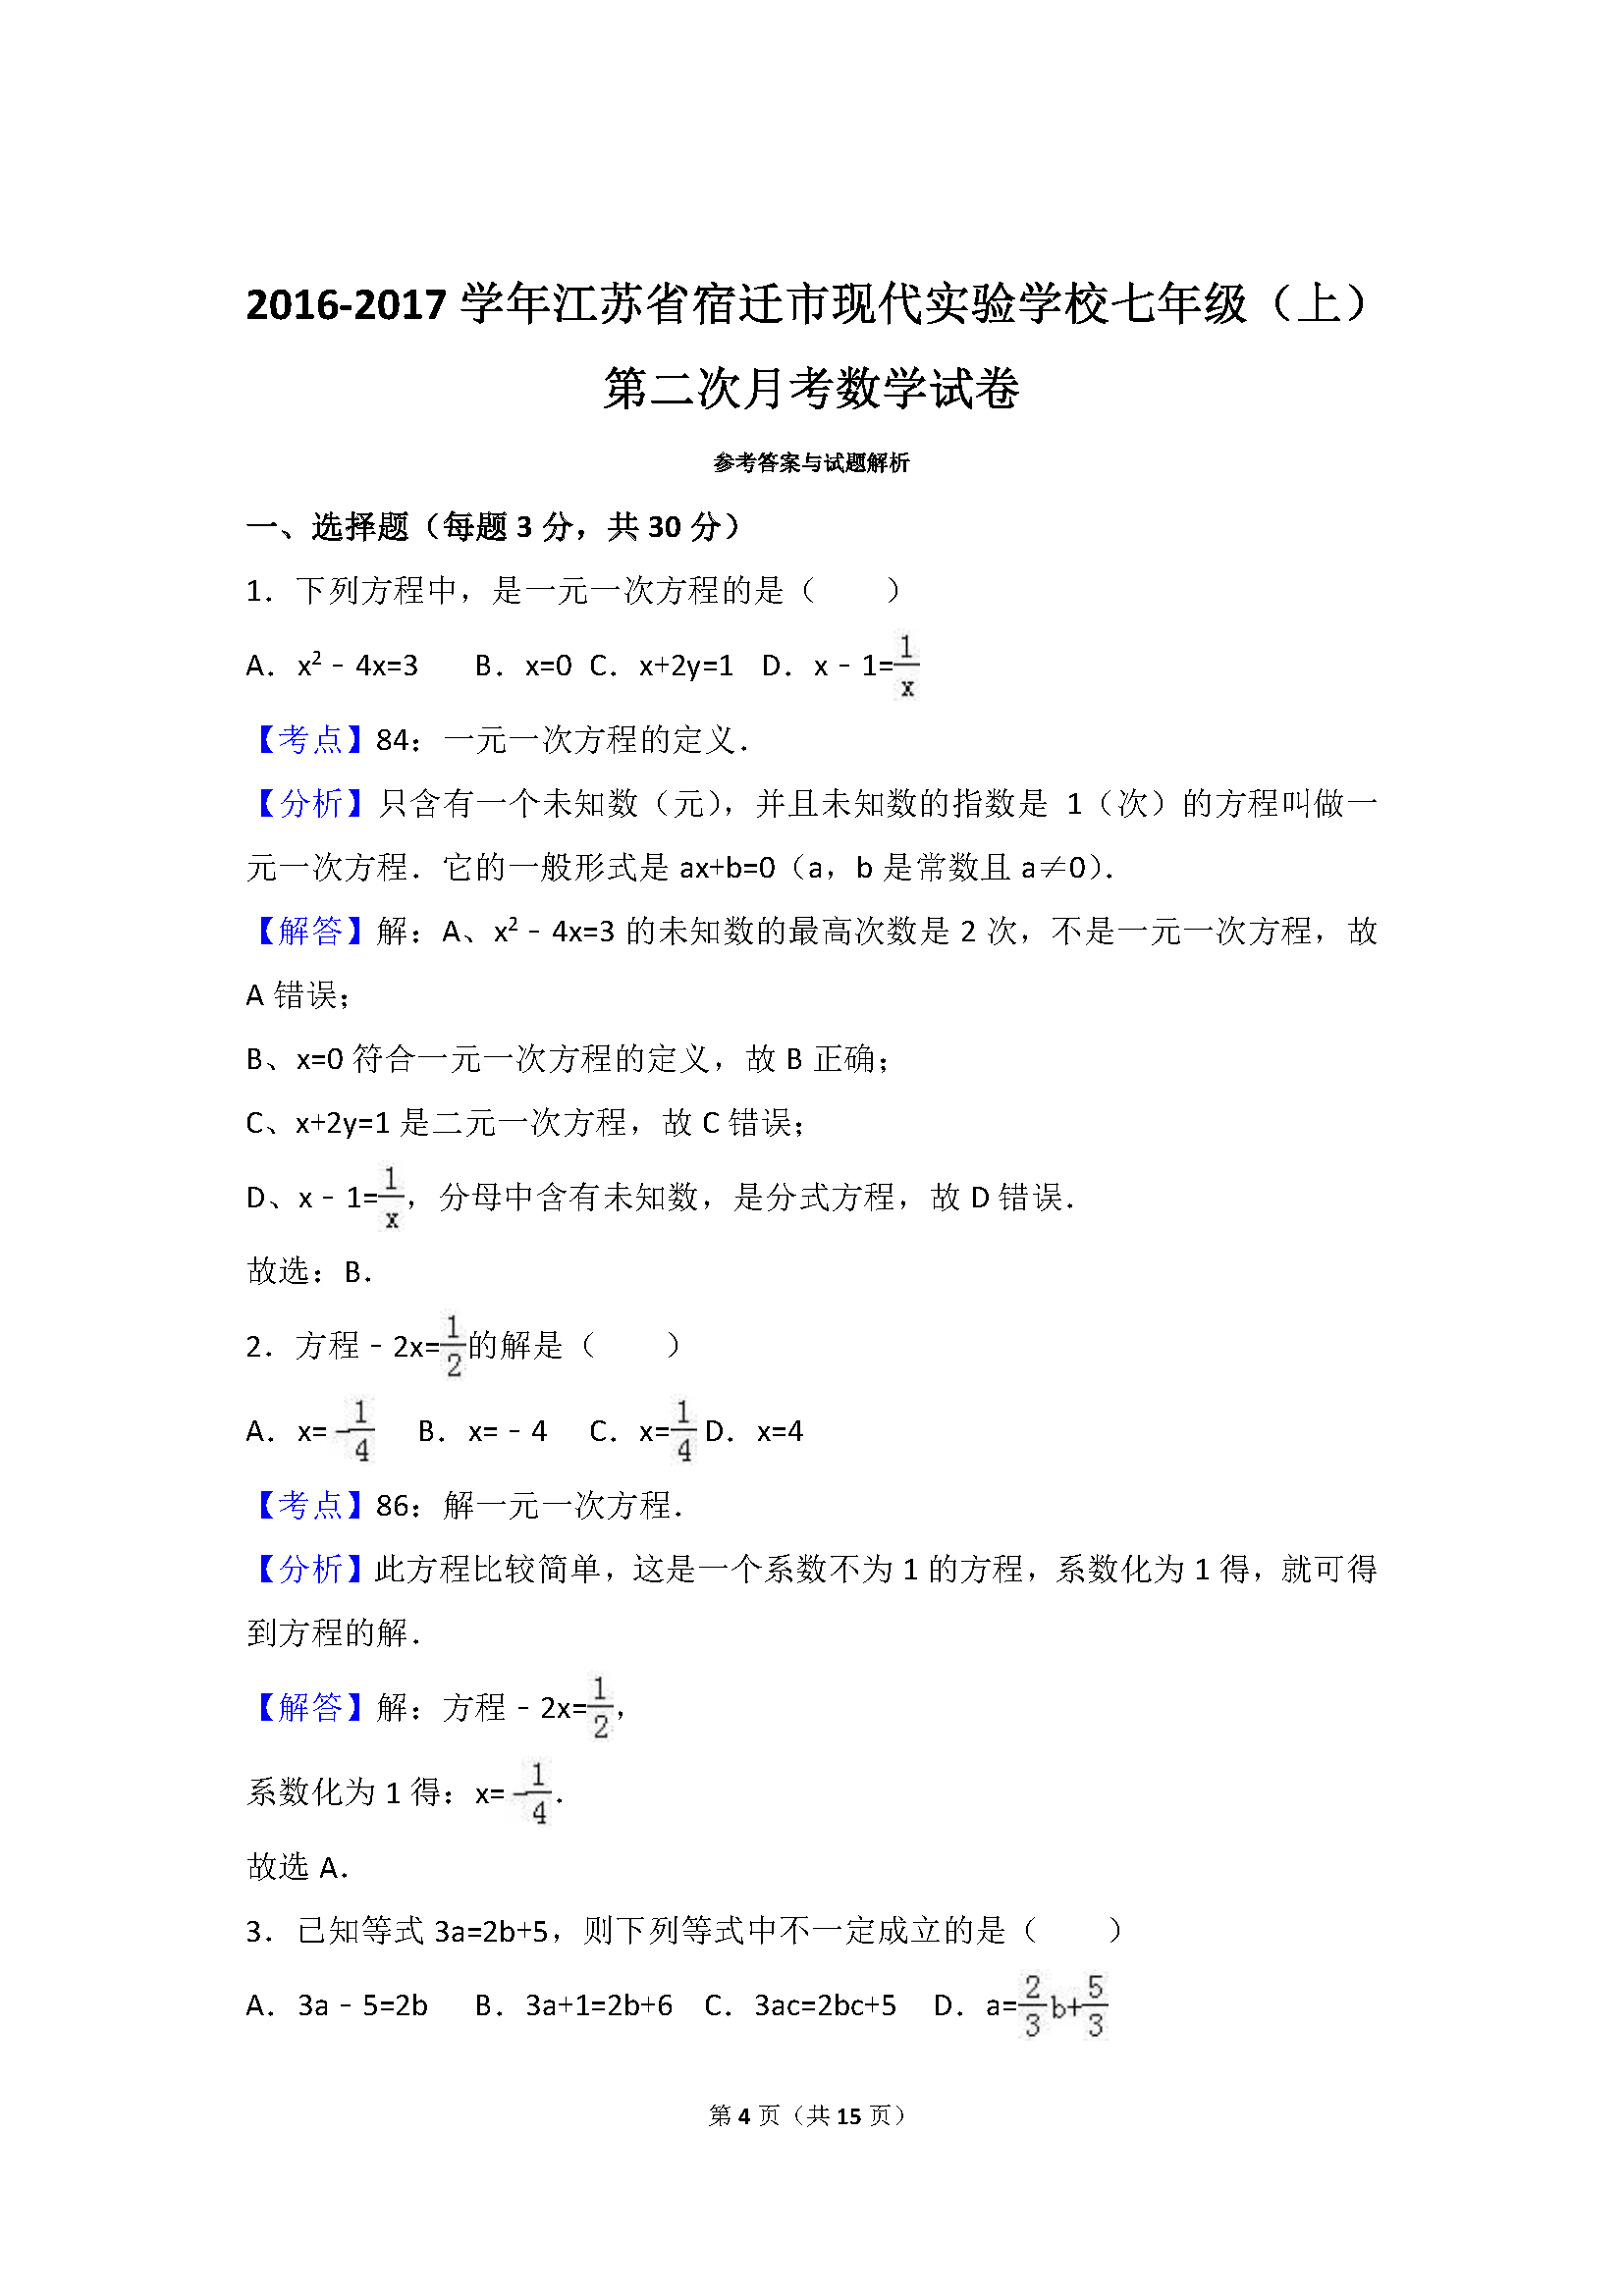 2017江苏宿迁七年级上第二次月考数学试卷答案(图片版)